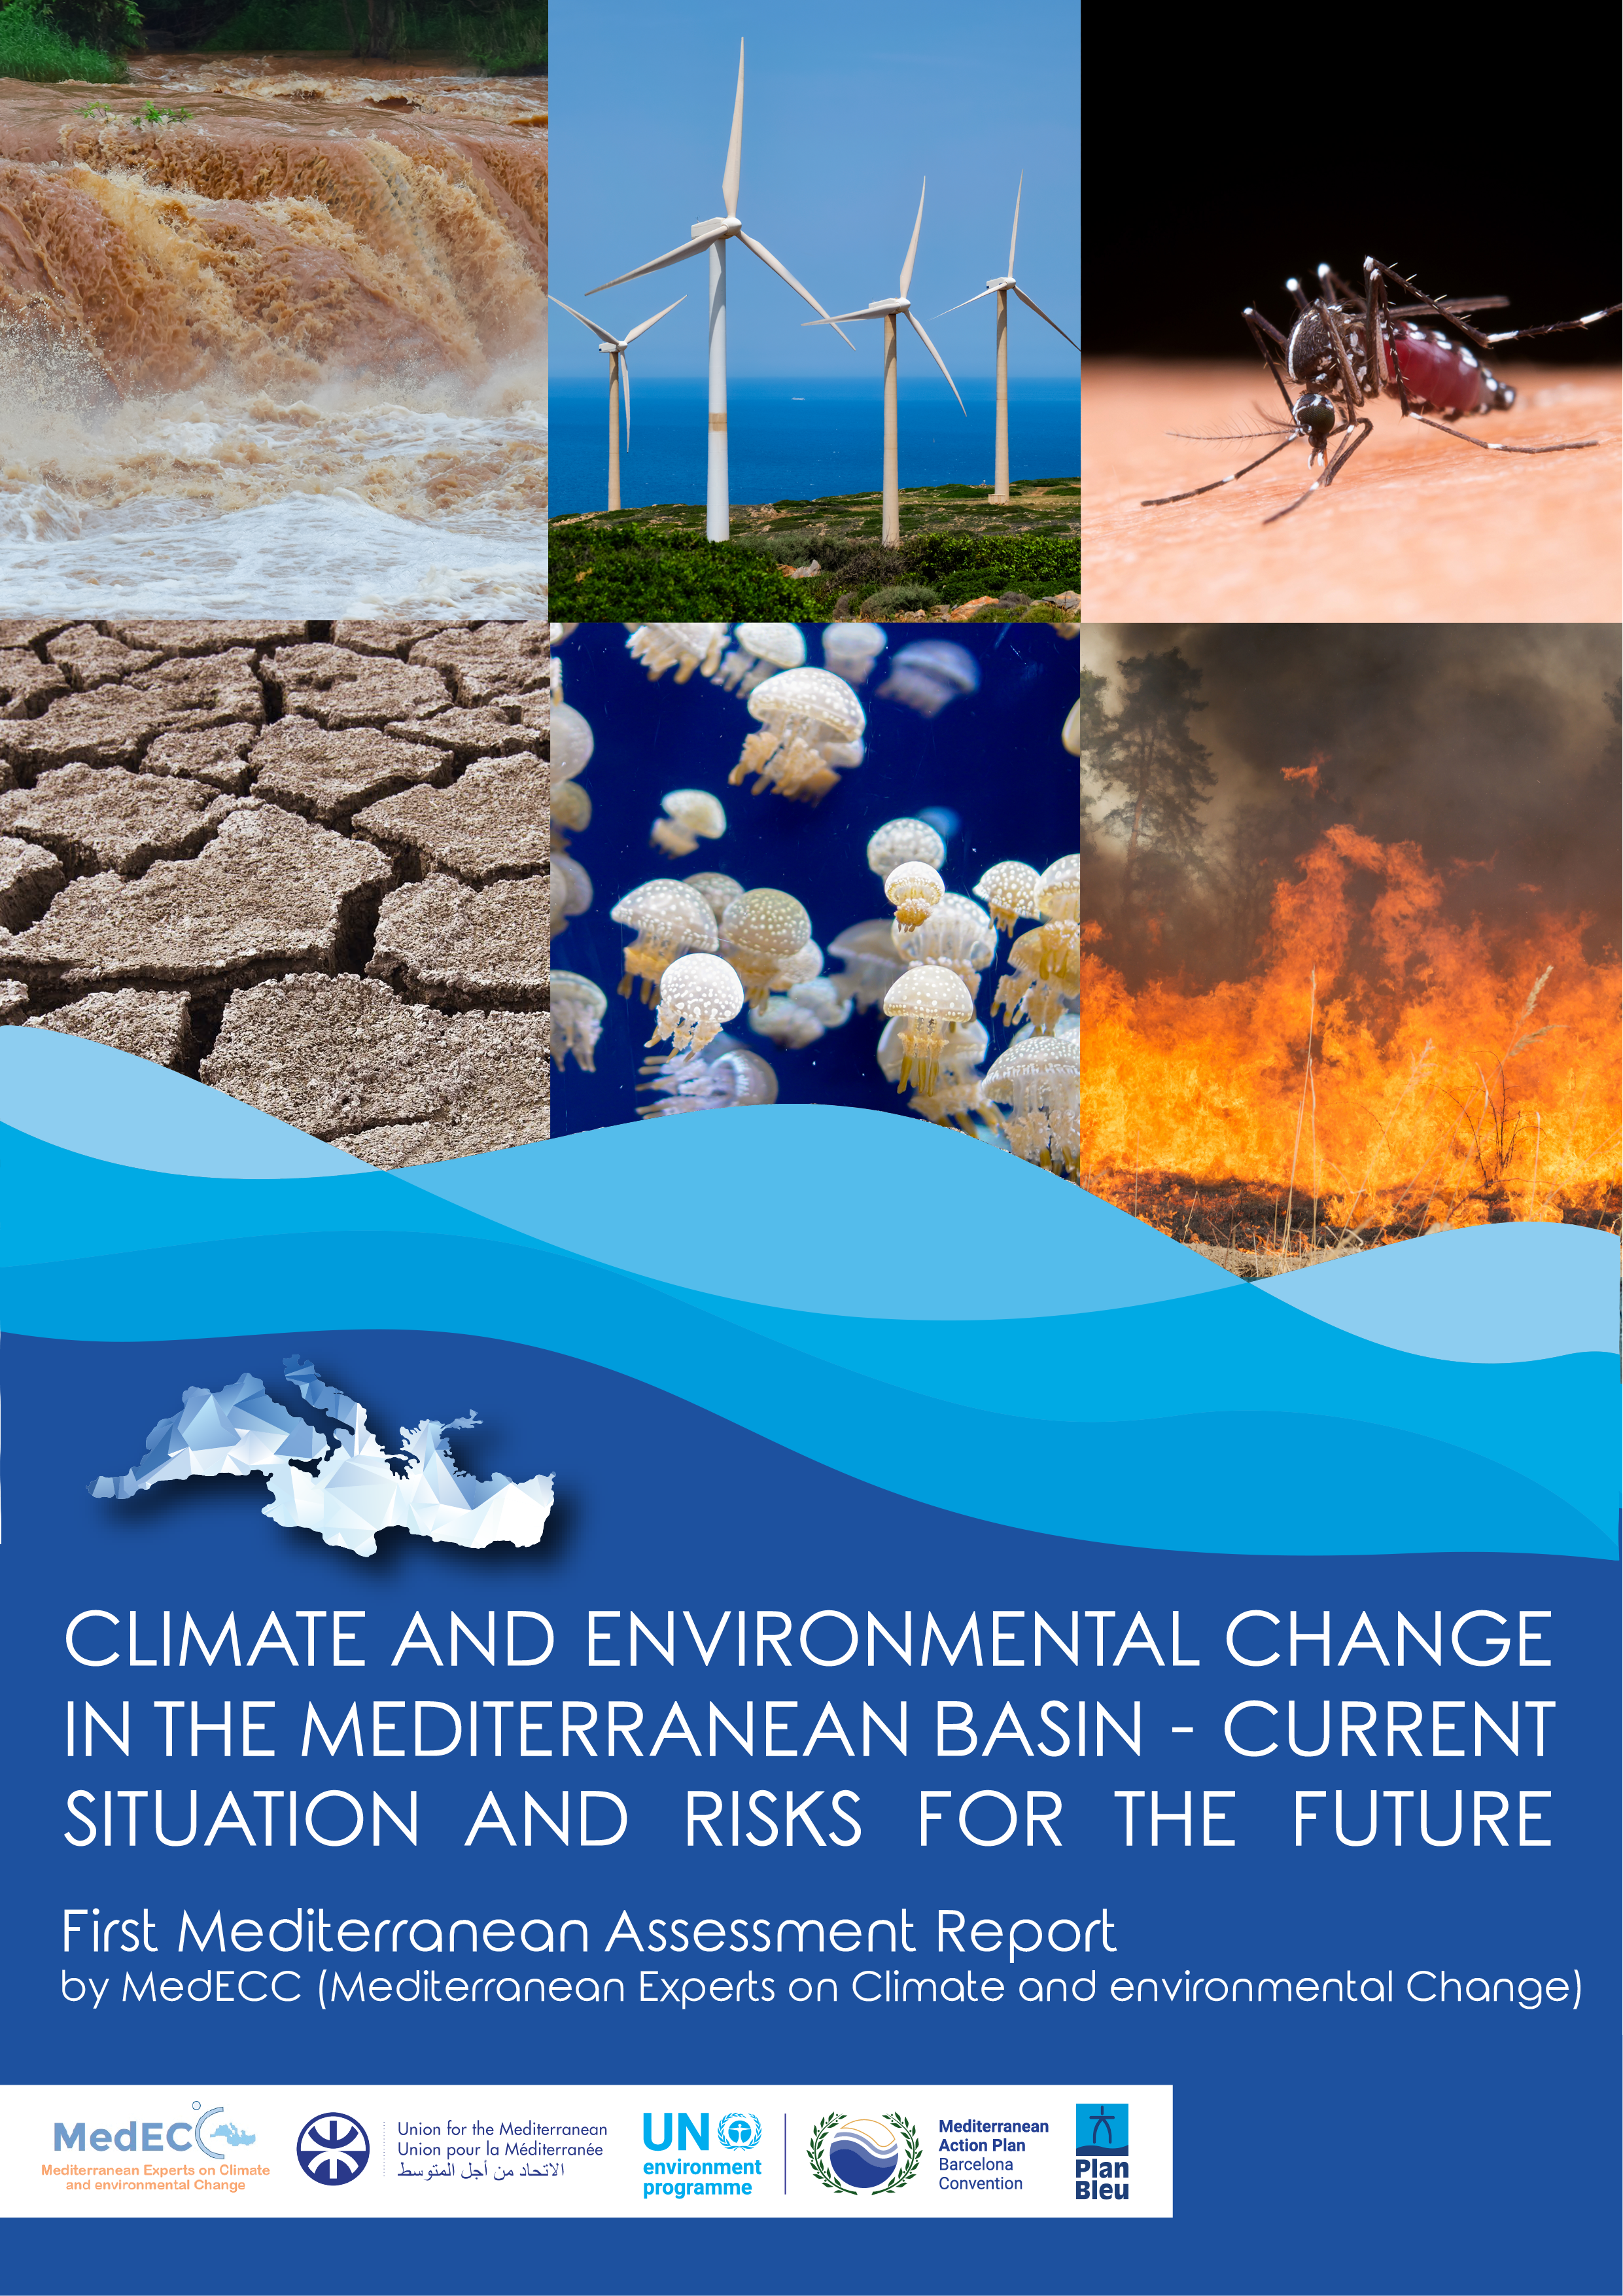 MAR1-MeDECC: Rapport Méditerranée / Mediterranean Assessment Report